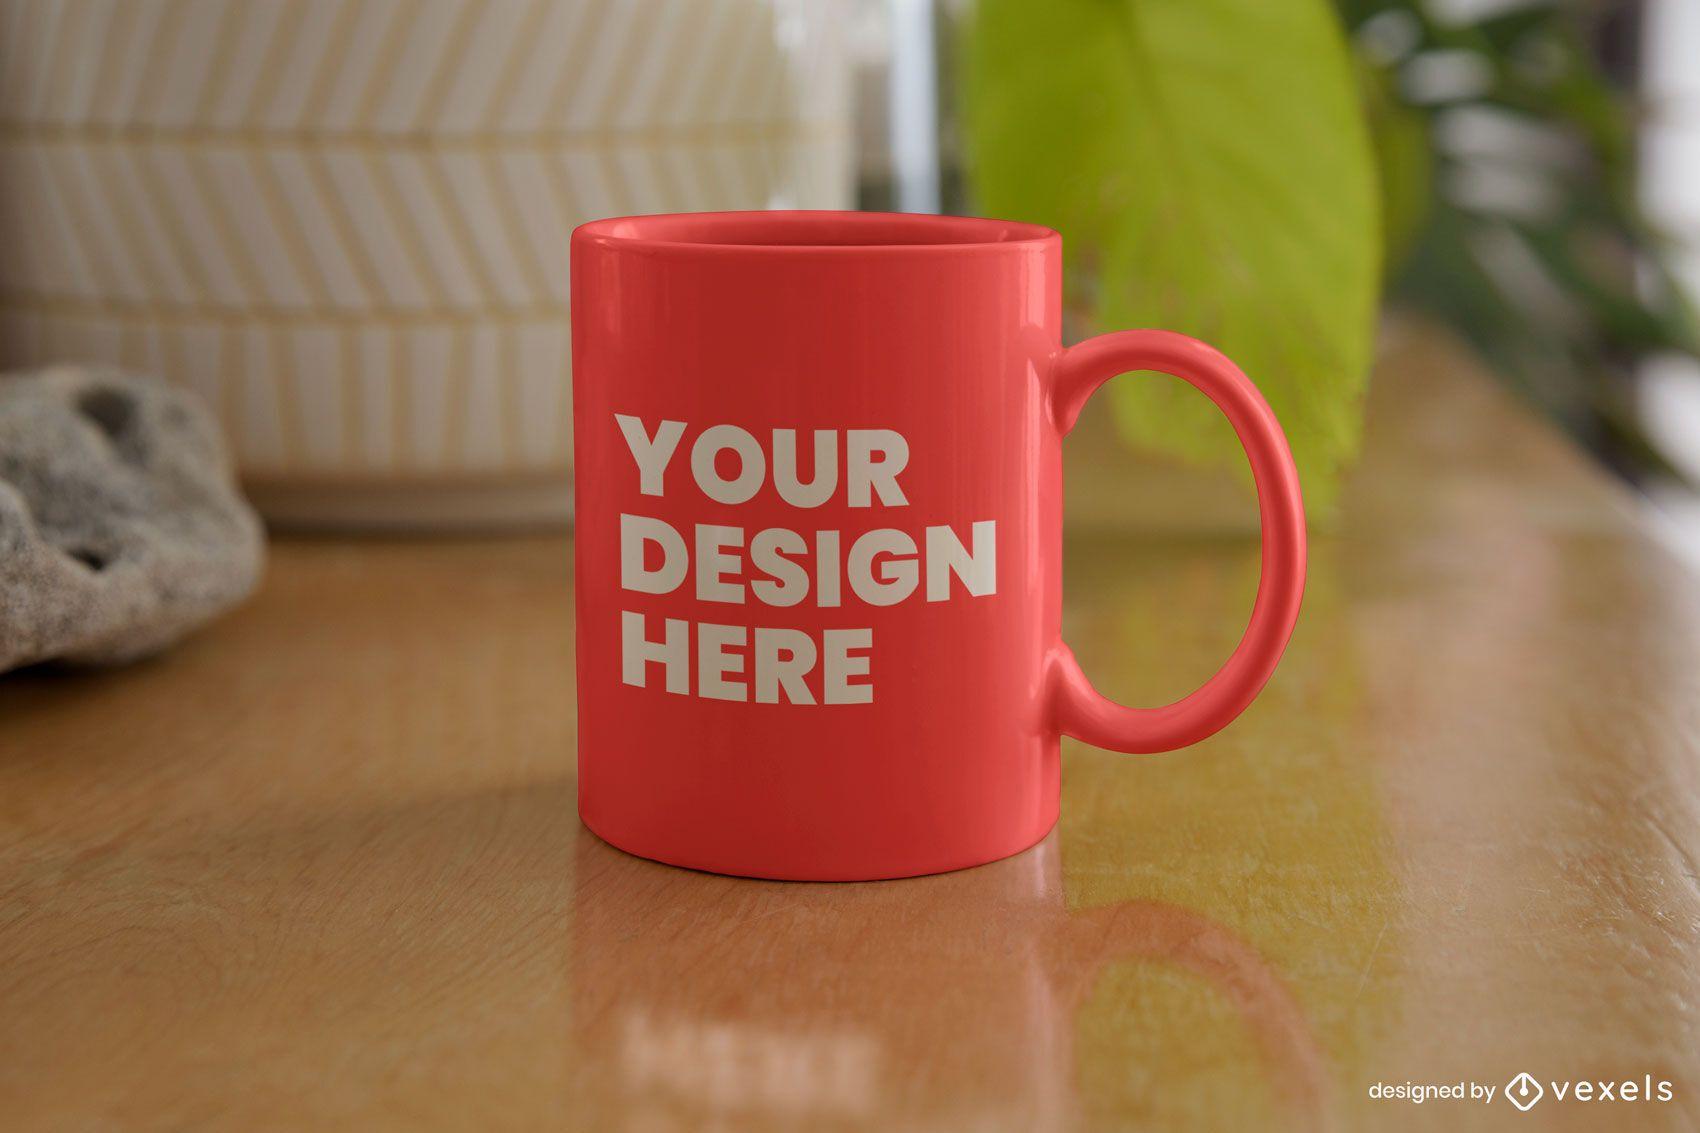 Mug table mockup design